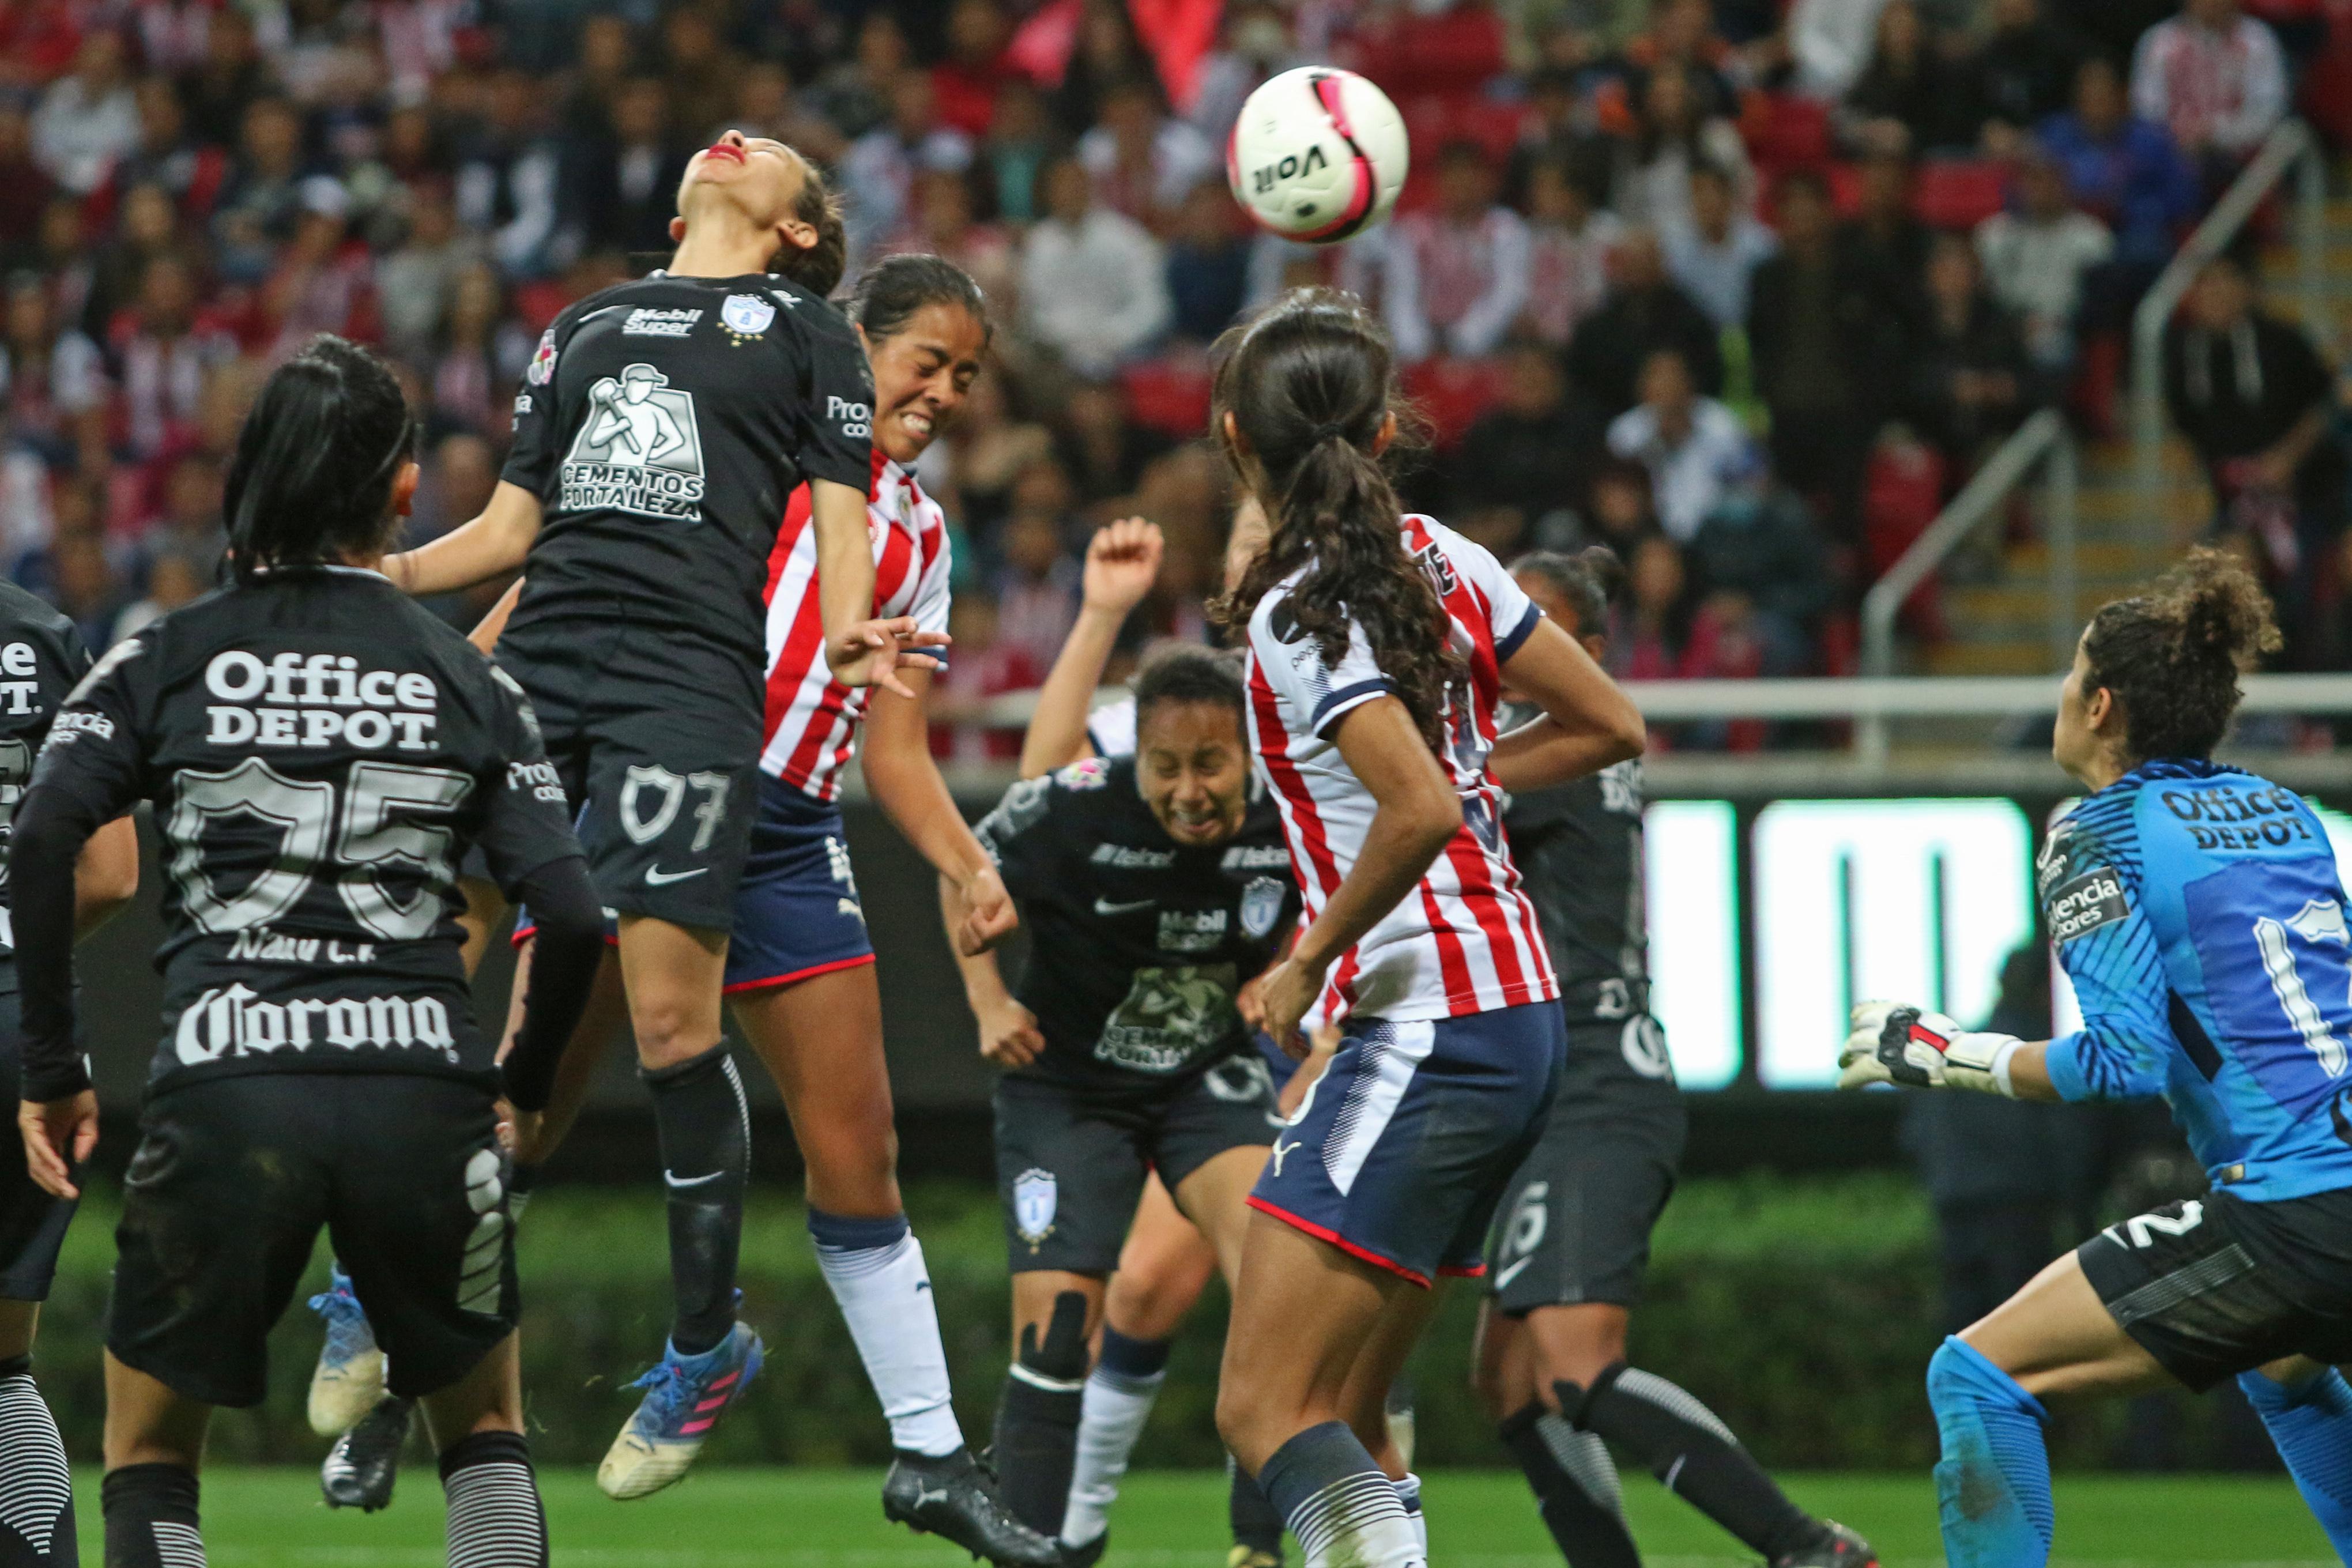 Zapopan, Jalisco, 24 de noviembre 2017Jugadoras de Chivas y Pachuca disputan el balón en el área visitante, en partido correspondiente a la Final del del Torneo Apertura 2017 de la Liga MX Femenil, en donde se enfrentan los equipos de las Chivas vs Pachuca, en juego que se lleva a cabo en el Estadio Chivas (Foto: Cuartoscuro)